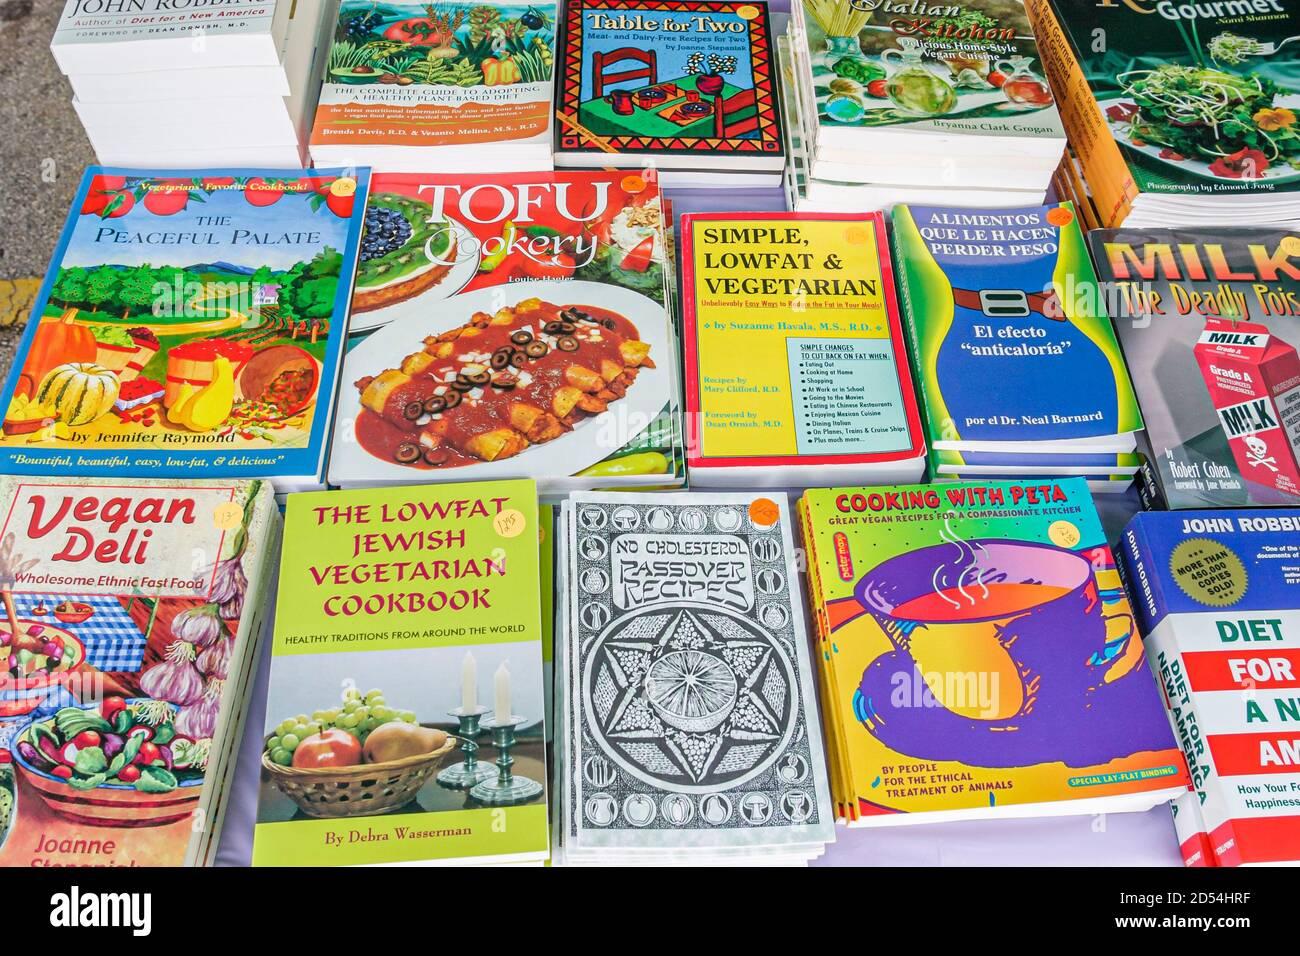 Florida Miami Dade College Wolfson Campus, International Book Fair vendeur stand vendeurs livres, végétarien livres de cuisine vente exposition tofu peta vegan, Banque D'Images